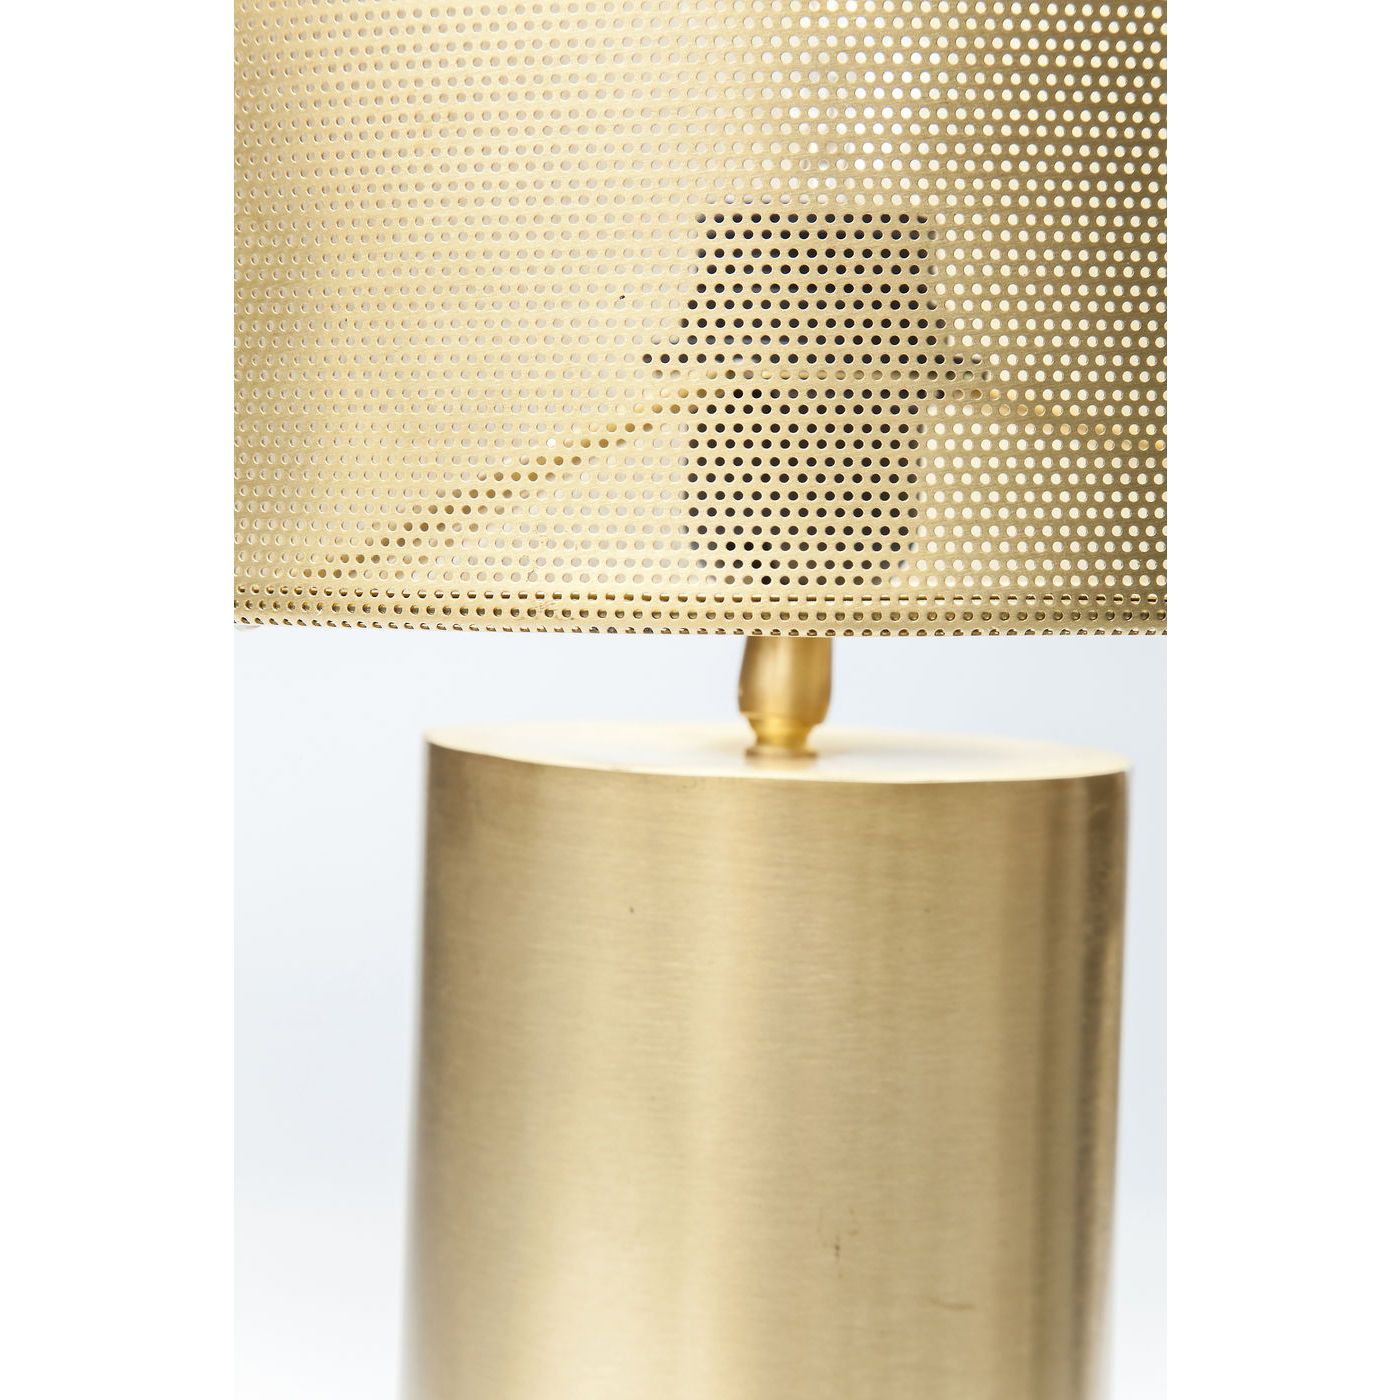 tischlampe tischleuchte gold messing grau stein beton. Black Bedroom Furniture Sets. Home Design Ideas